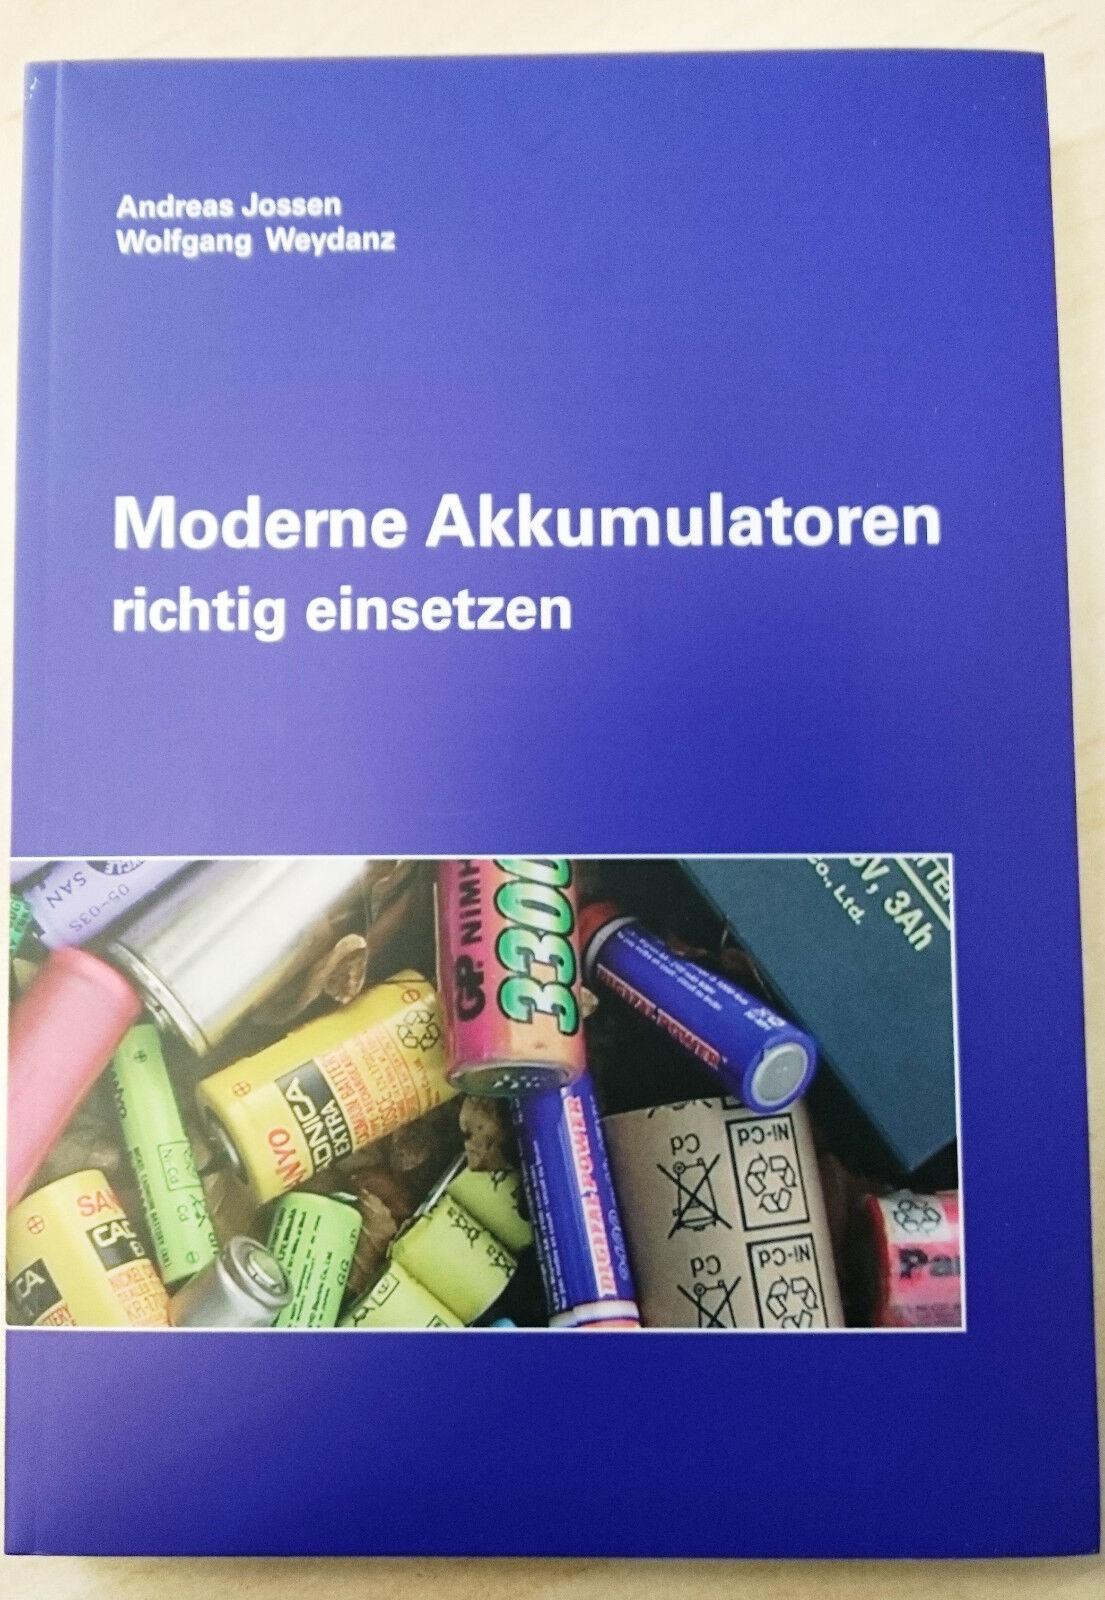 Buch - Moderne Akkumulatoren richtig einsetzen von Wolfgang Weydanz & A. Jossen